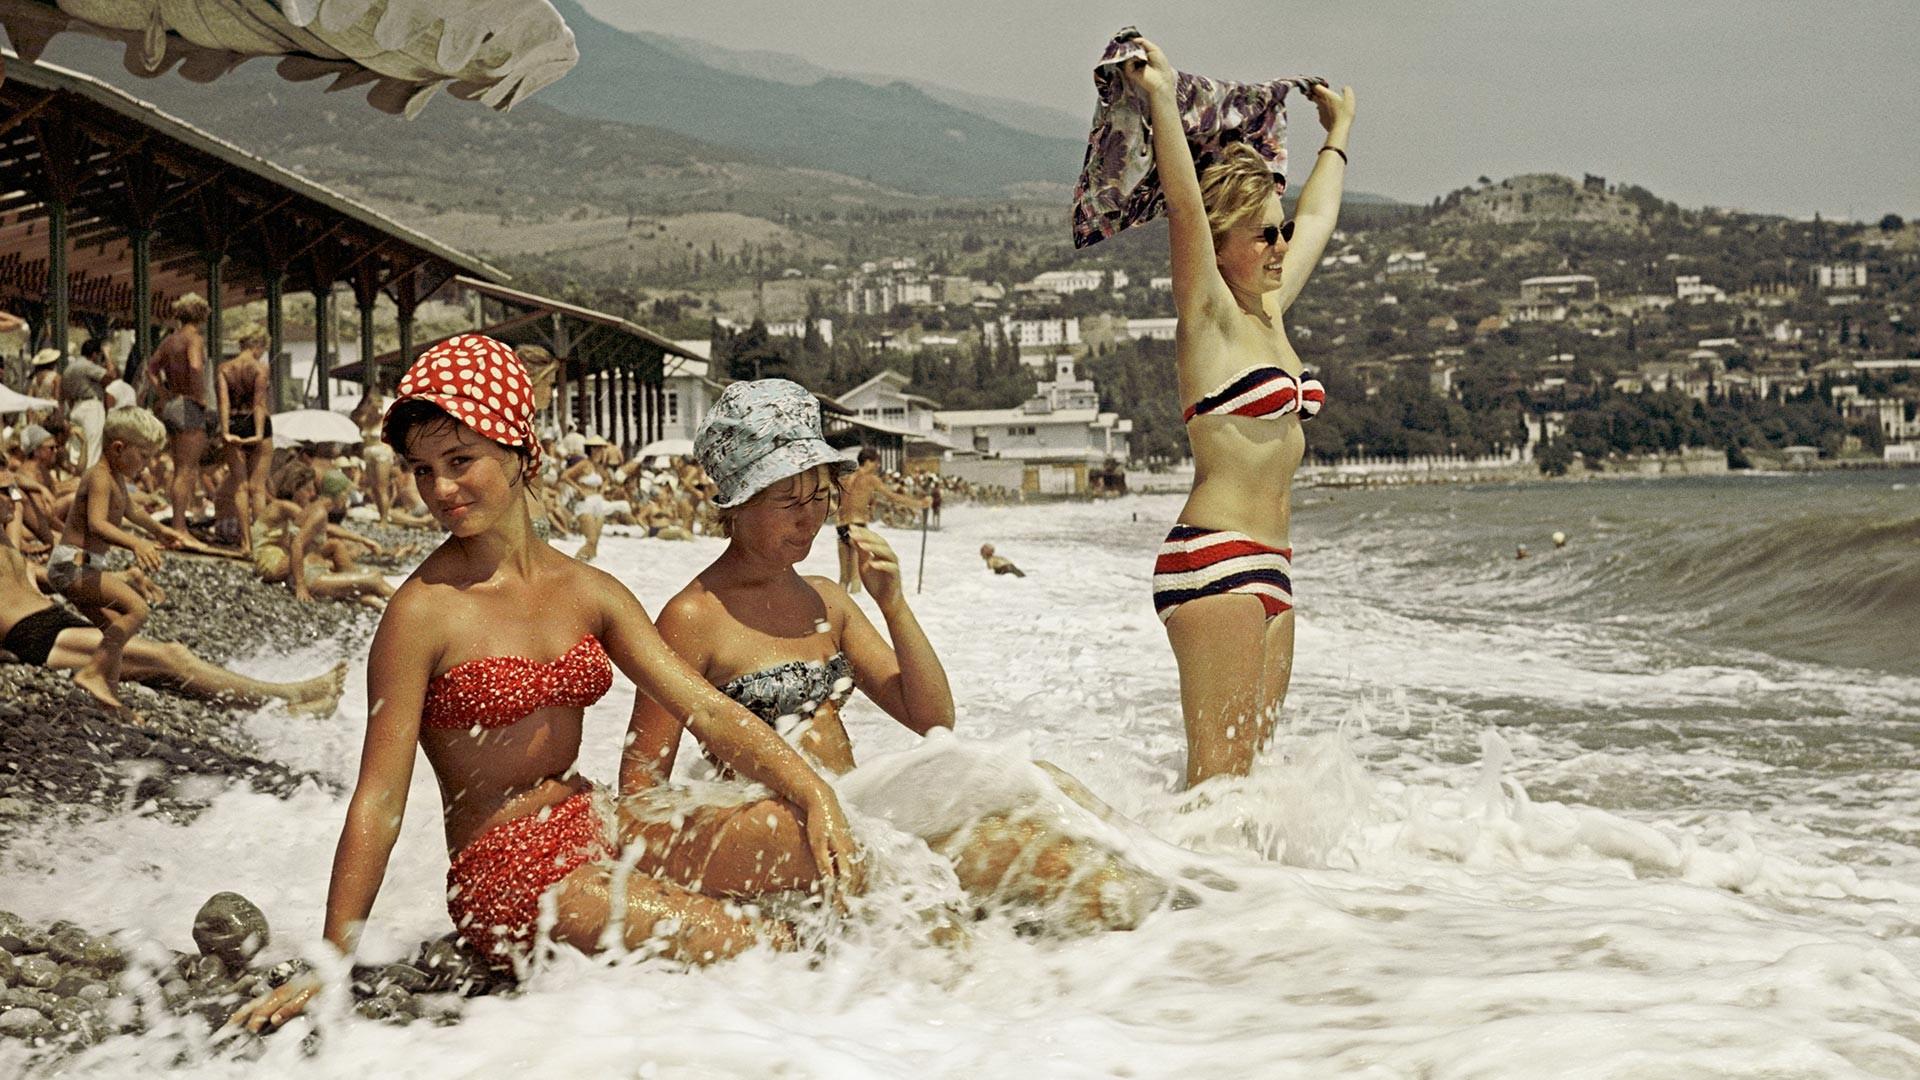 Црноморска обала Крима, одмор на плажи Гурзуфа.